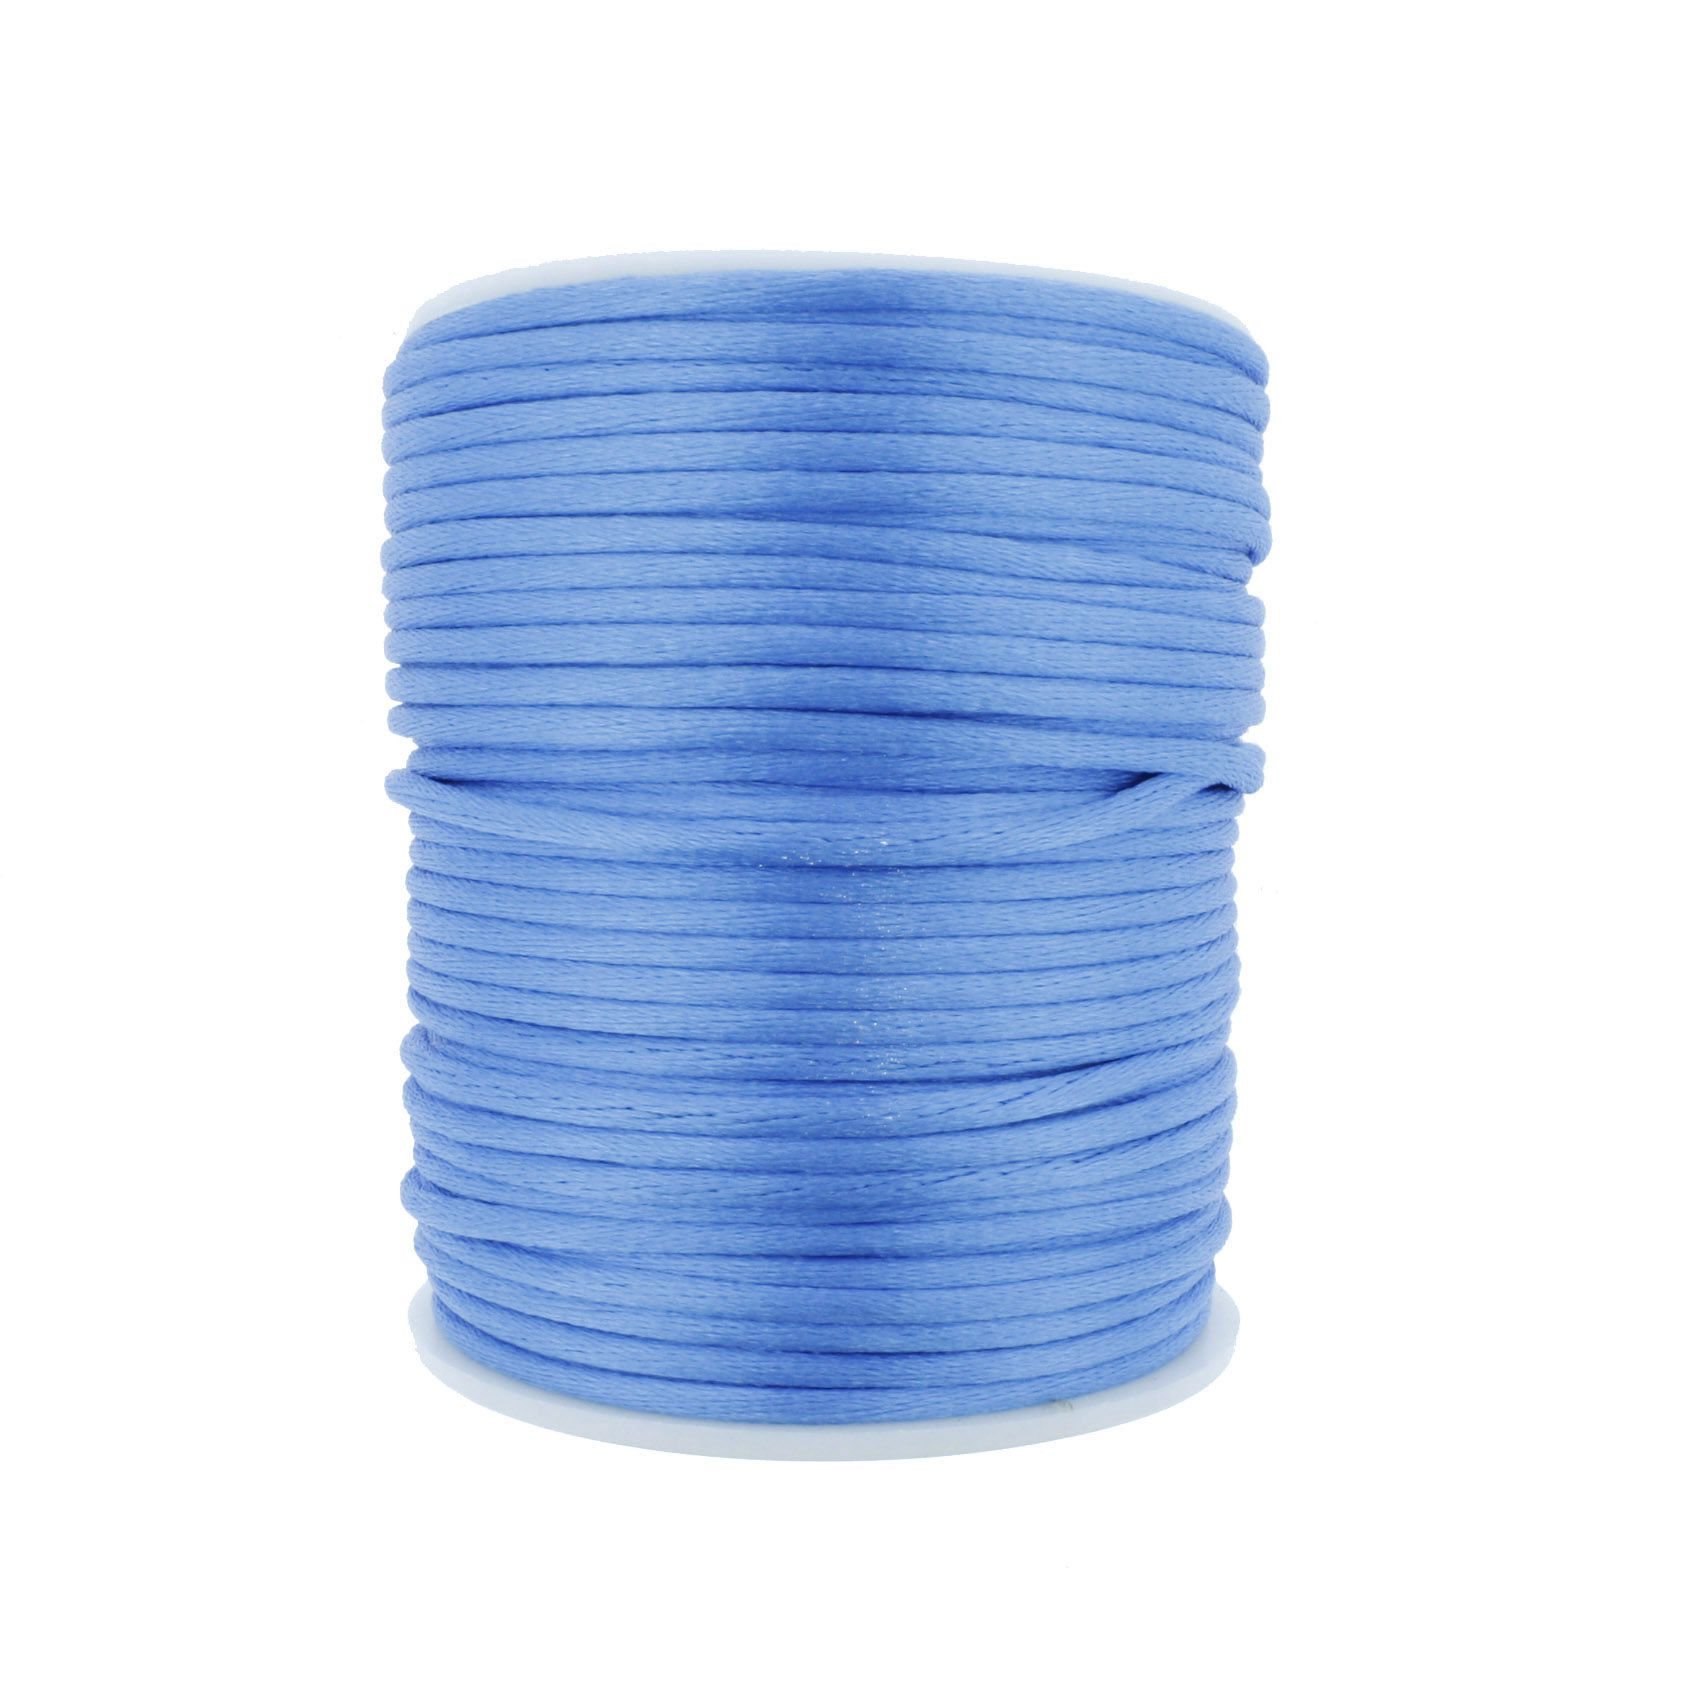 Cordão de Seda - Azul - 2mm  - Stéphanie Bijoux® - Peças para Bijuterias e Artesanato